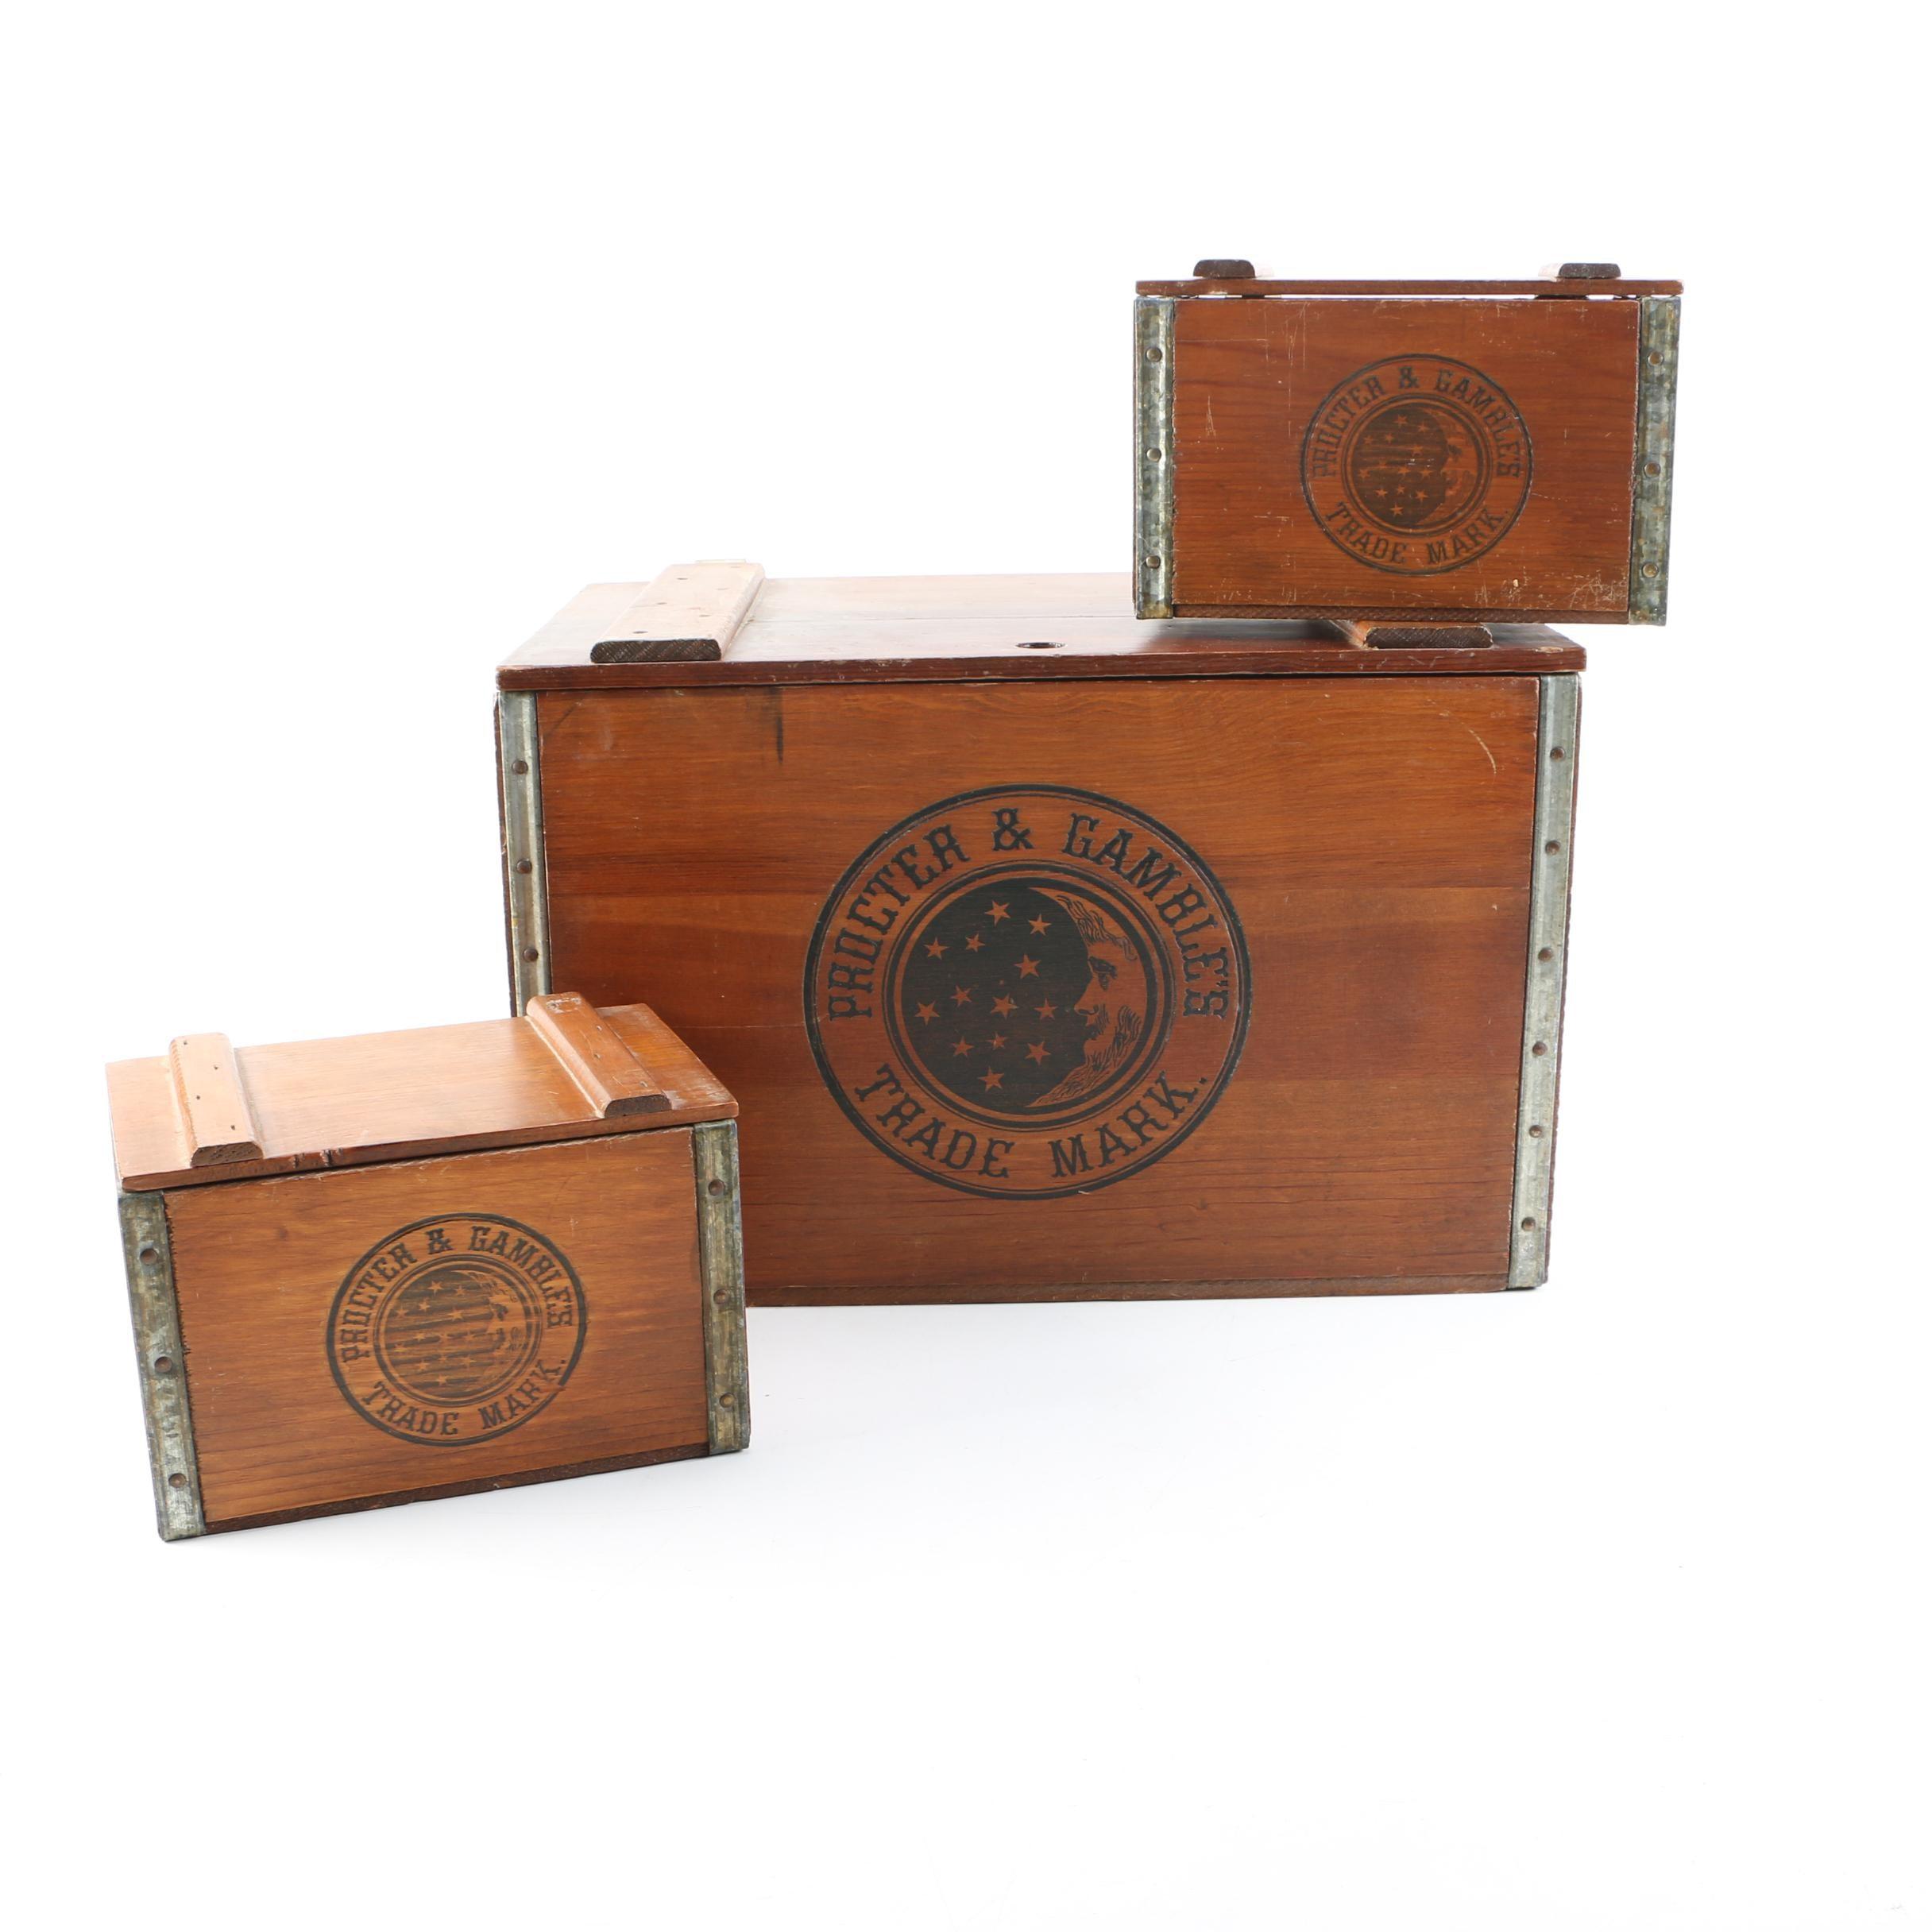 Vintage Procter & Gamble Wooden Boxes